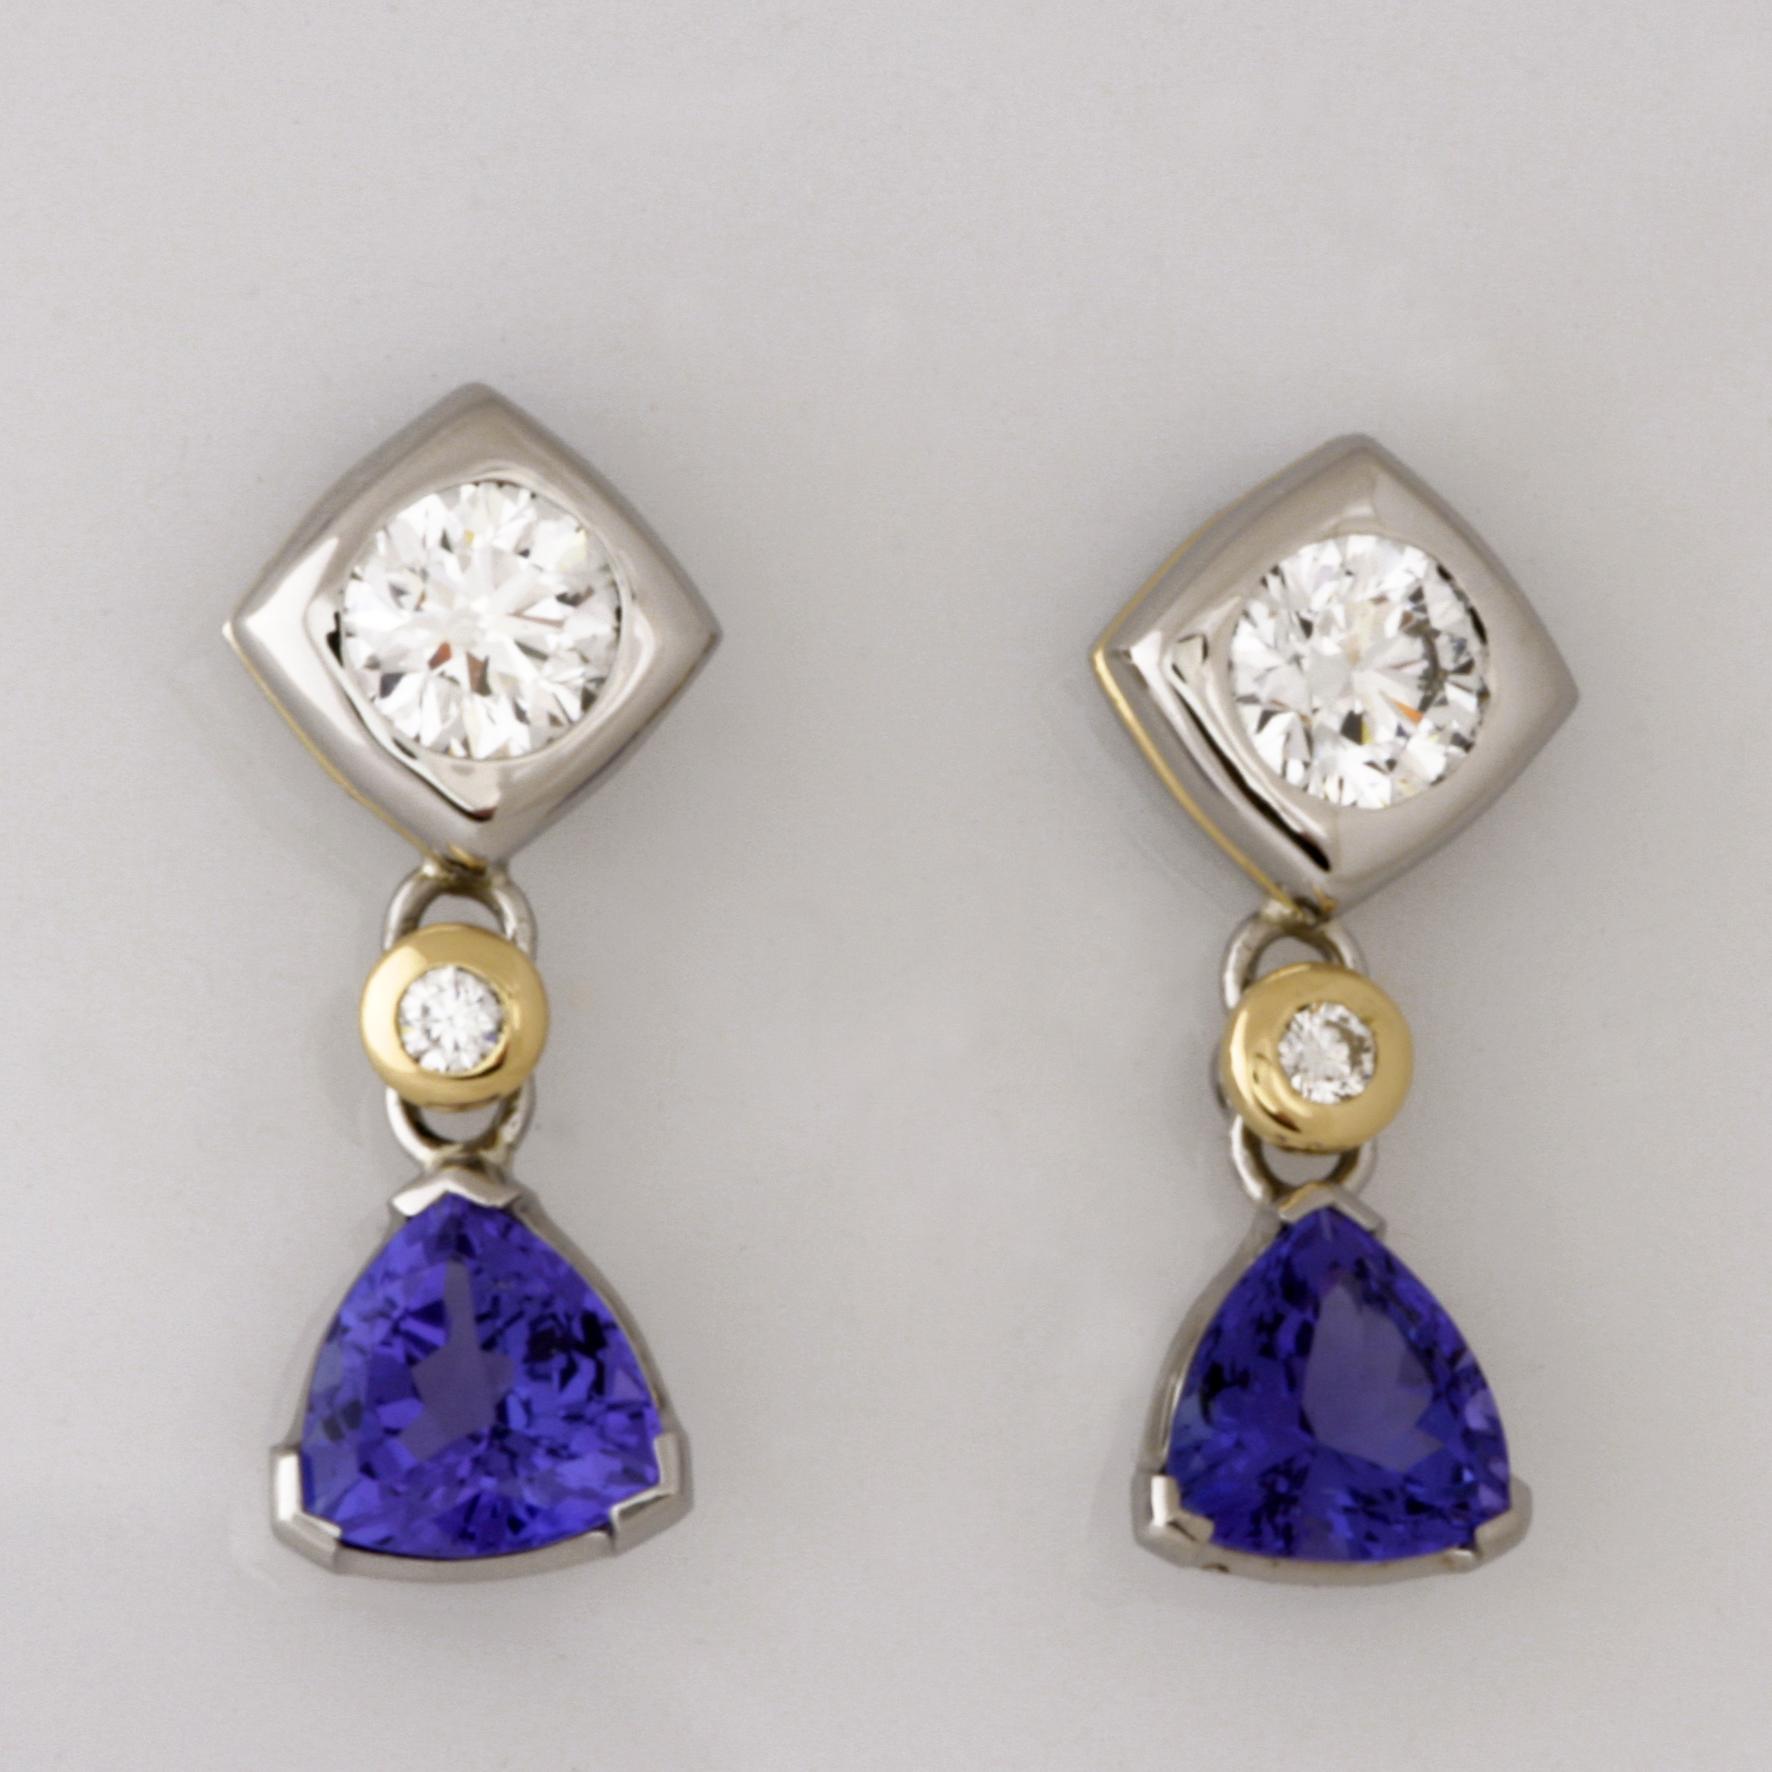 Handmade ladies 18ct yellow gold and palladium tanzanite and diamond earrings